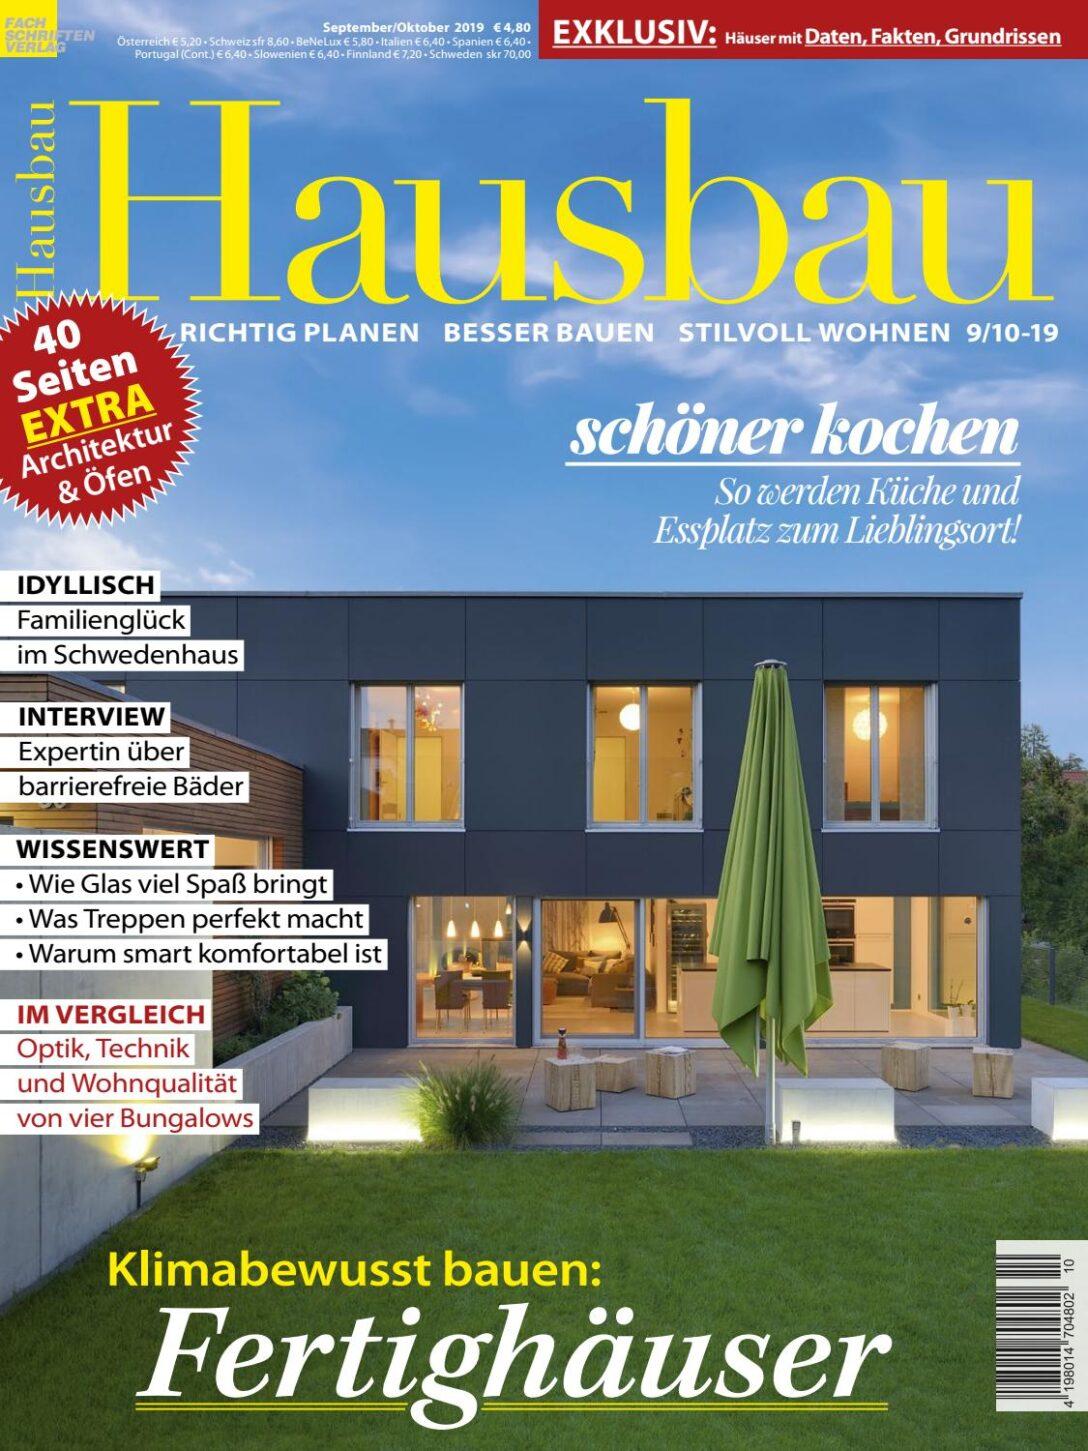 Large Size of Eichenbalken Bauhaus Kaufen Fenster Wohnzimmer Eichenbalken Bauhaus